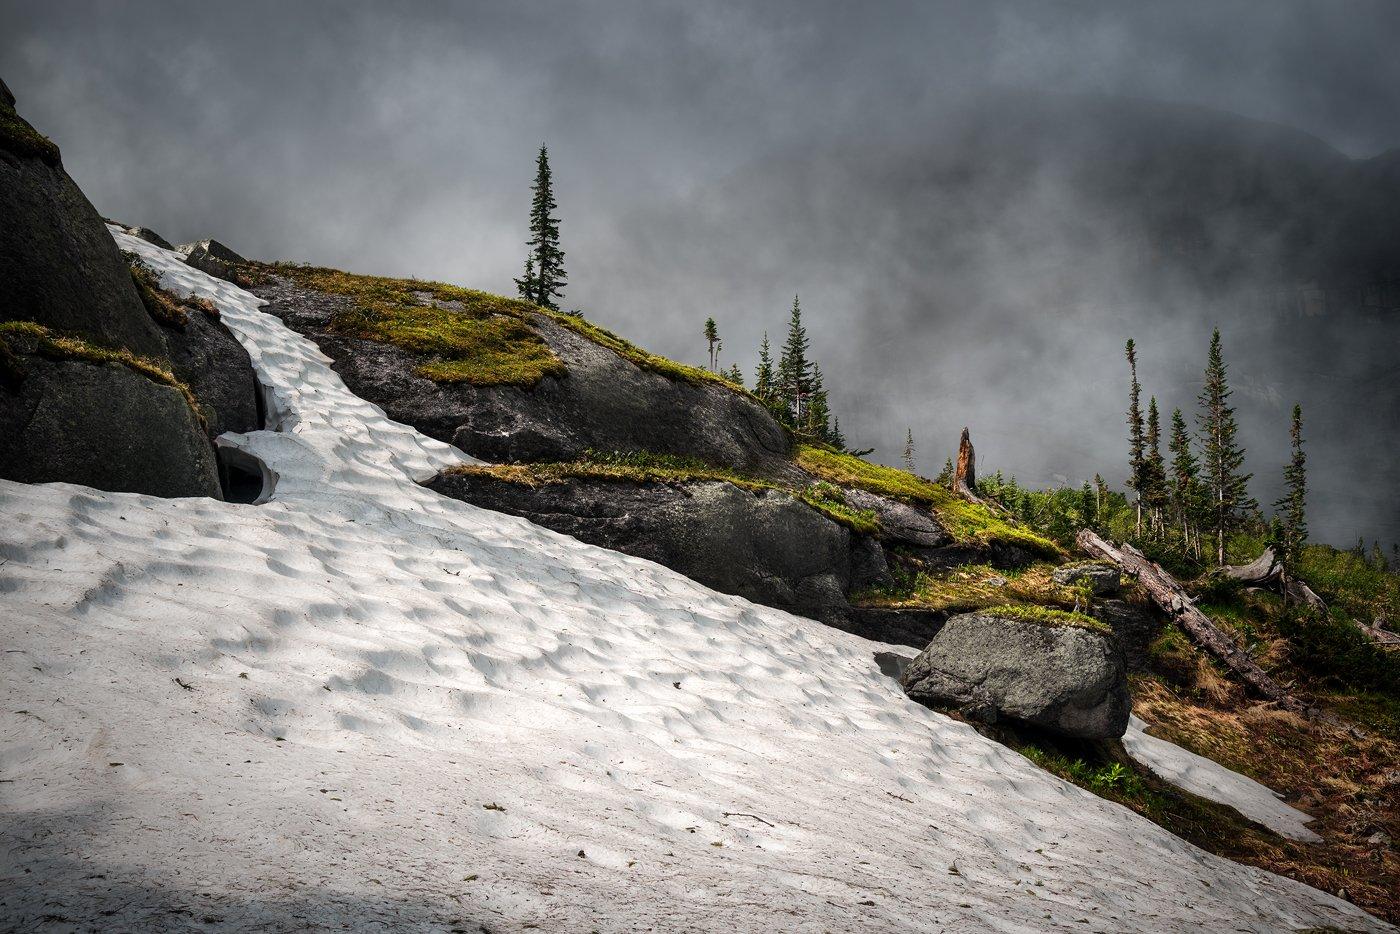 природа, пейзаж, горы, камни, снег, тает, скалы, холодный, высокий, большой, ергаки, саяны, сибирь, красноярский край, туман, облако, непогода, Дмитрий Антипов